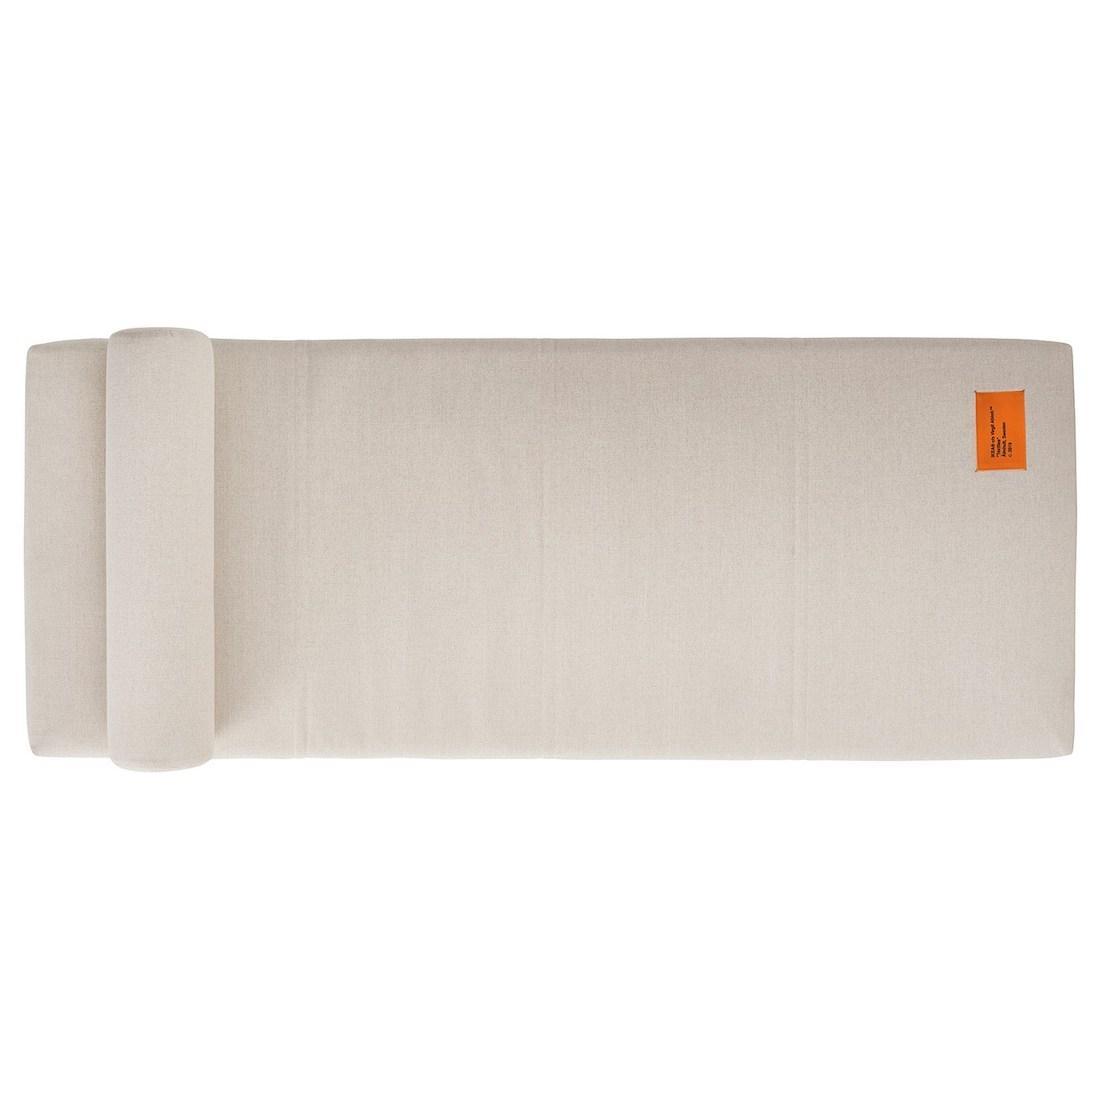 Fodera per divano letto - Collezione Markerad by Ikea e Virgil Abloh